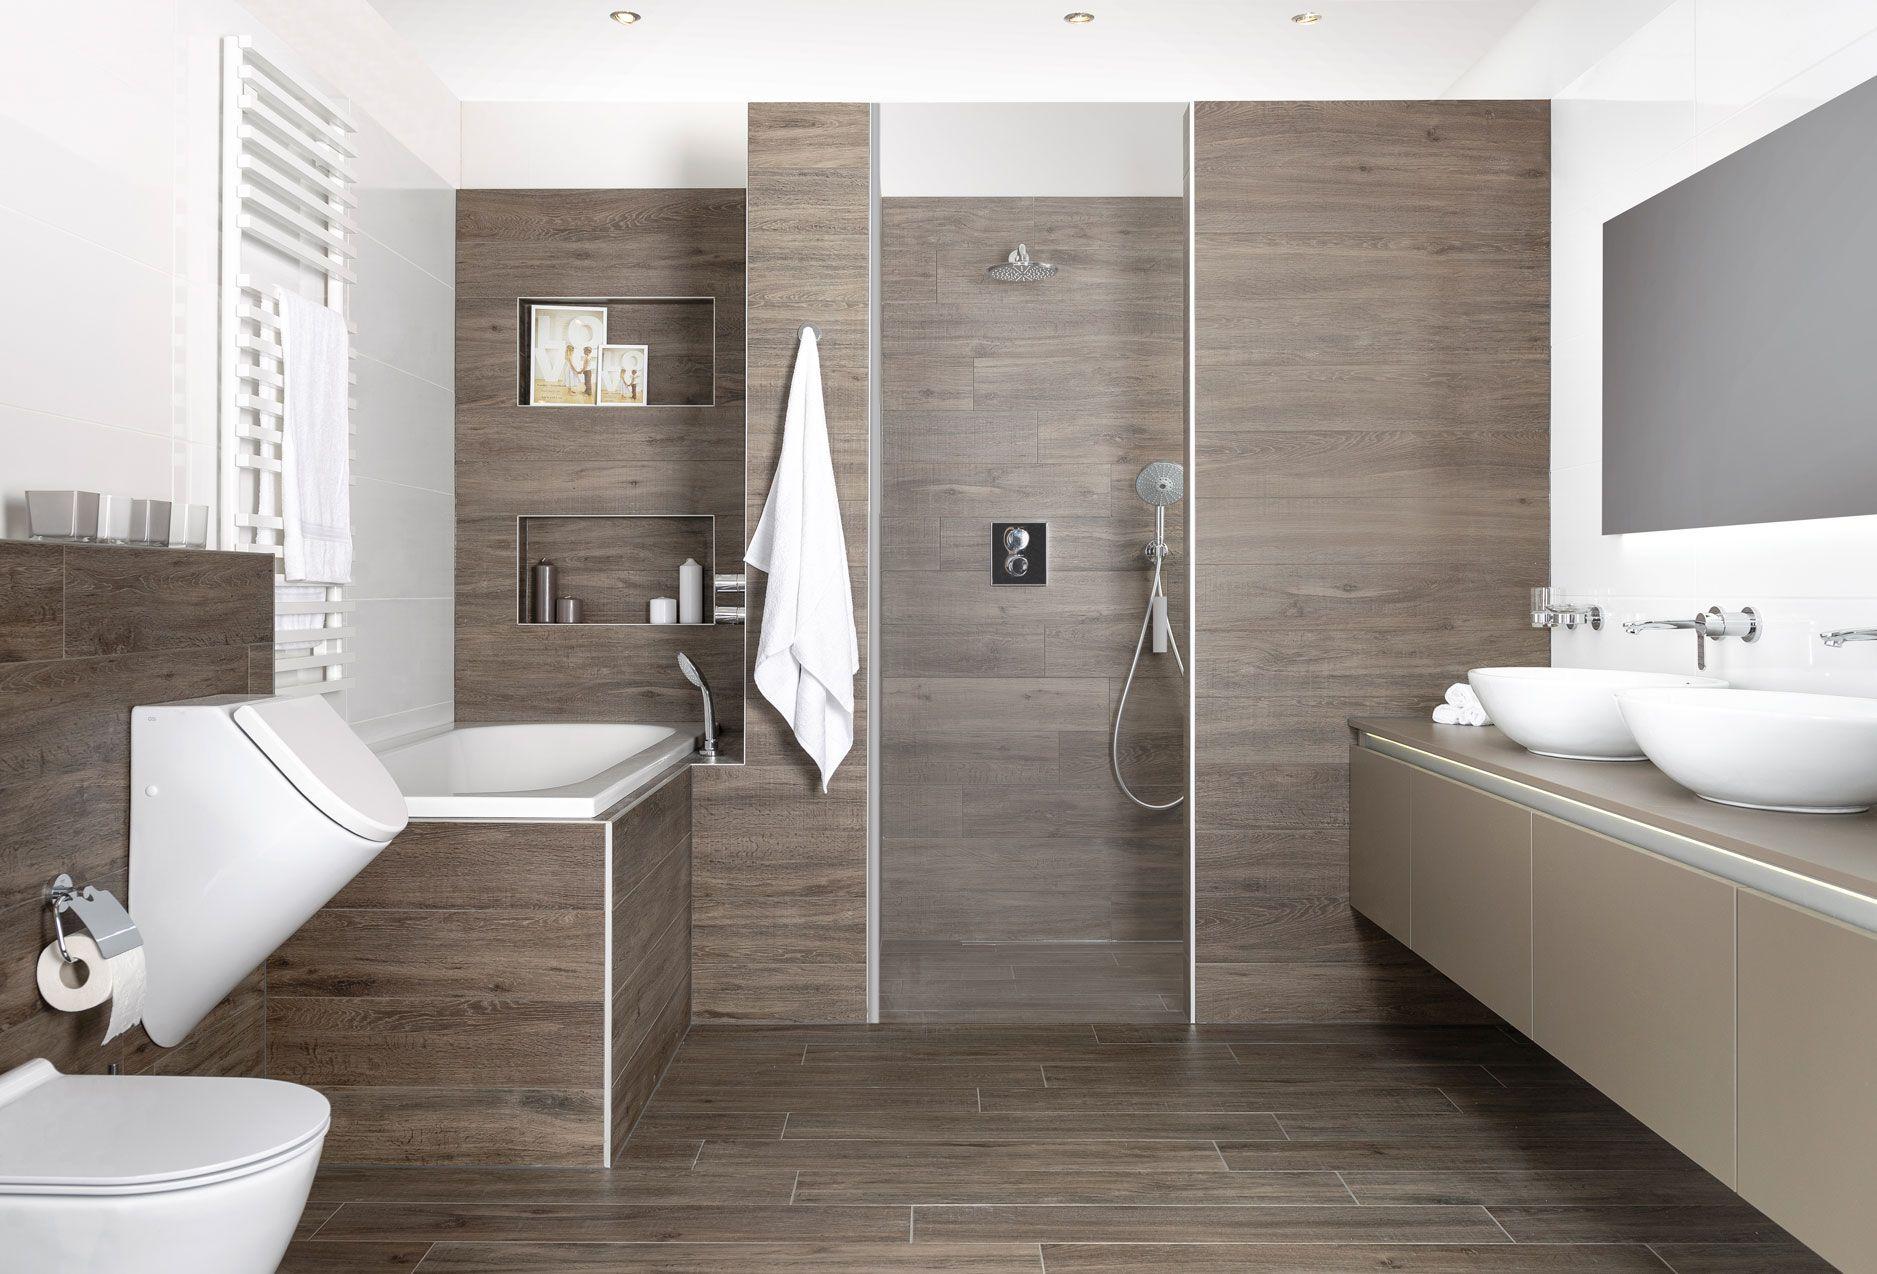 Puth badkamer met inloopdouche mooi meubel met opbouw kommen en